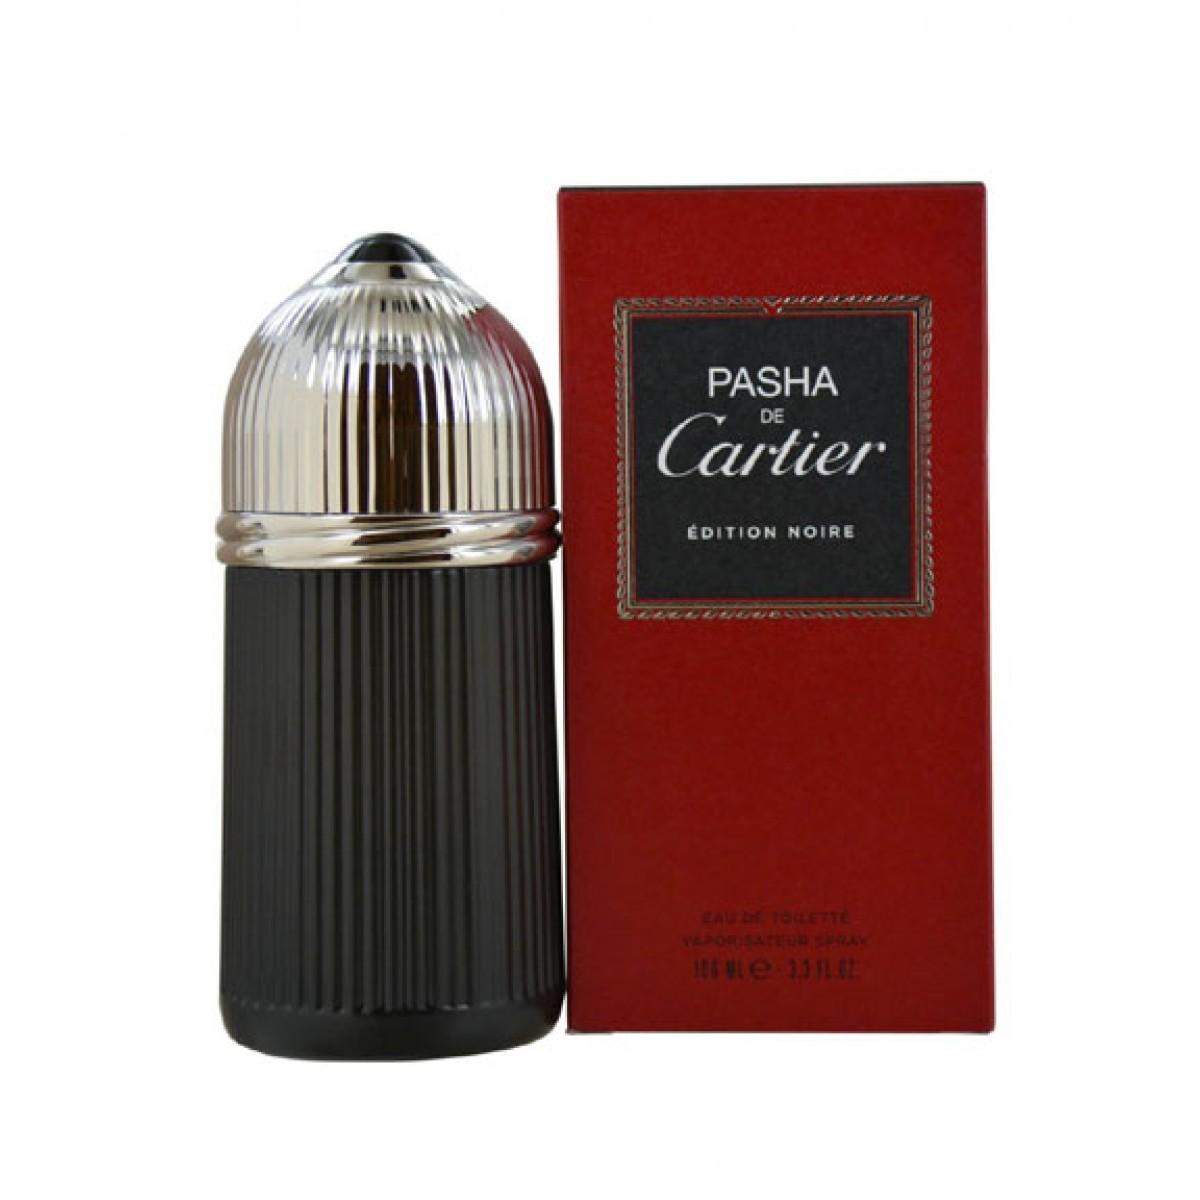 3ddb71911f4 Cartier Pasha Noire Edition Eau De Toilette Price in Pakistan